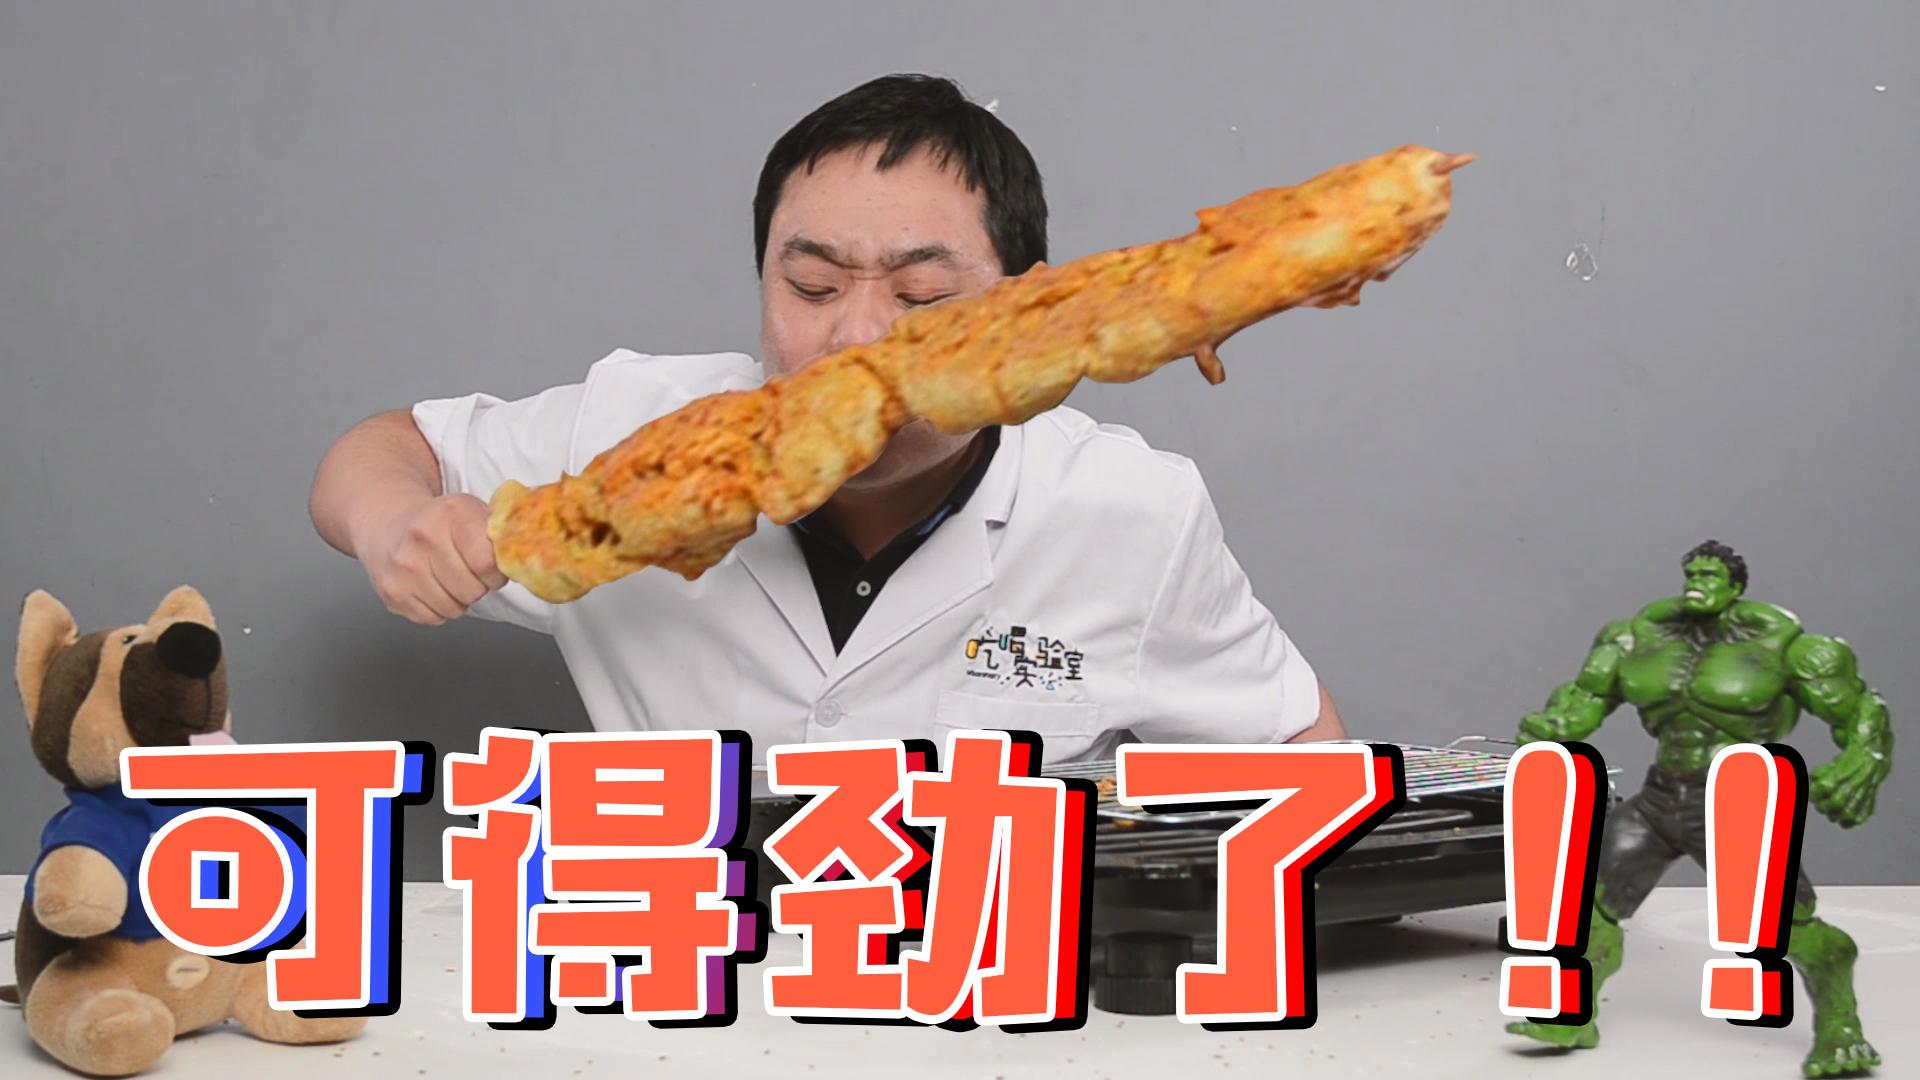 试着制作了一根超大号的烤面筋, 香香辣辣的感觉可得劲了! ?